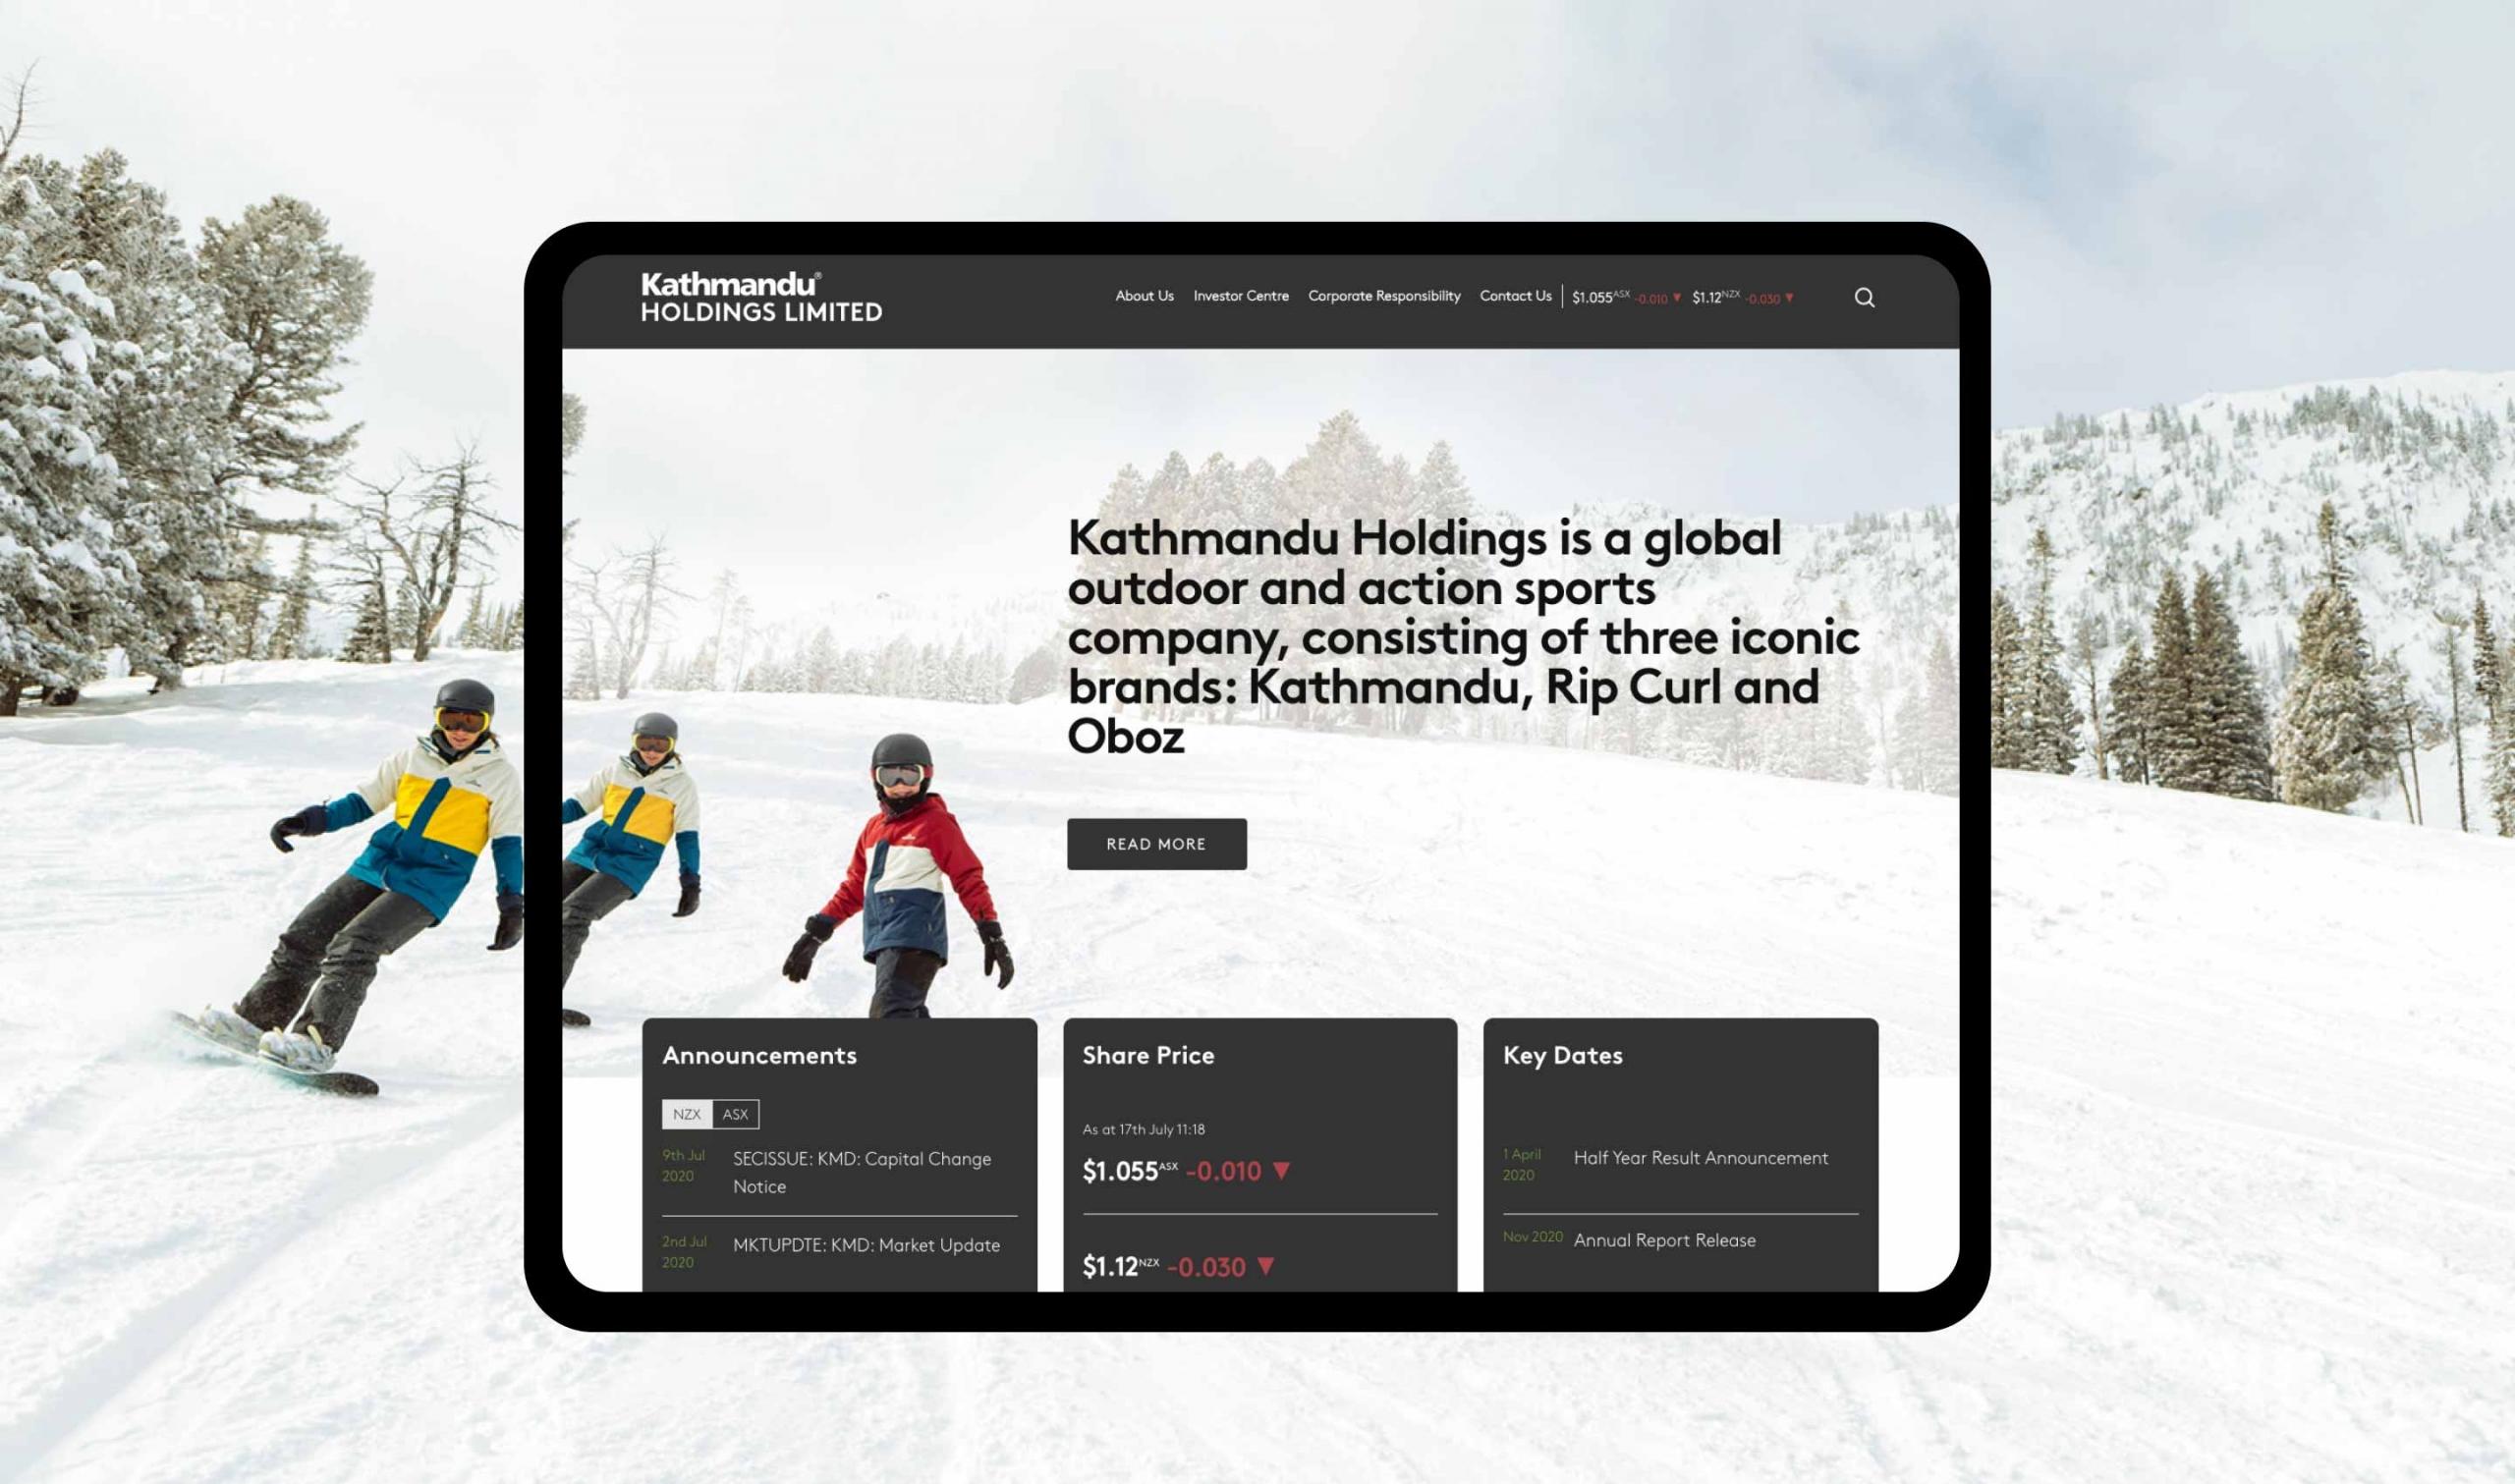 kathmandu website homepage design